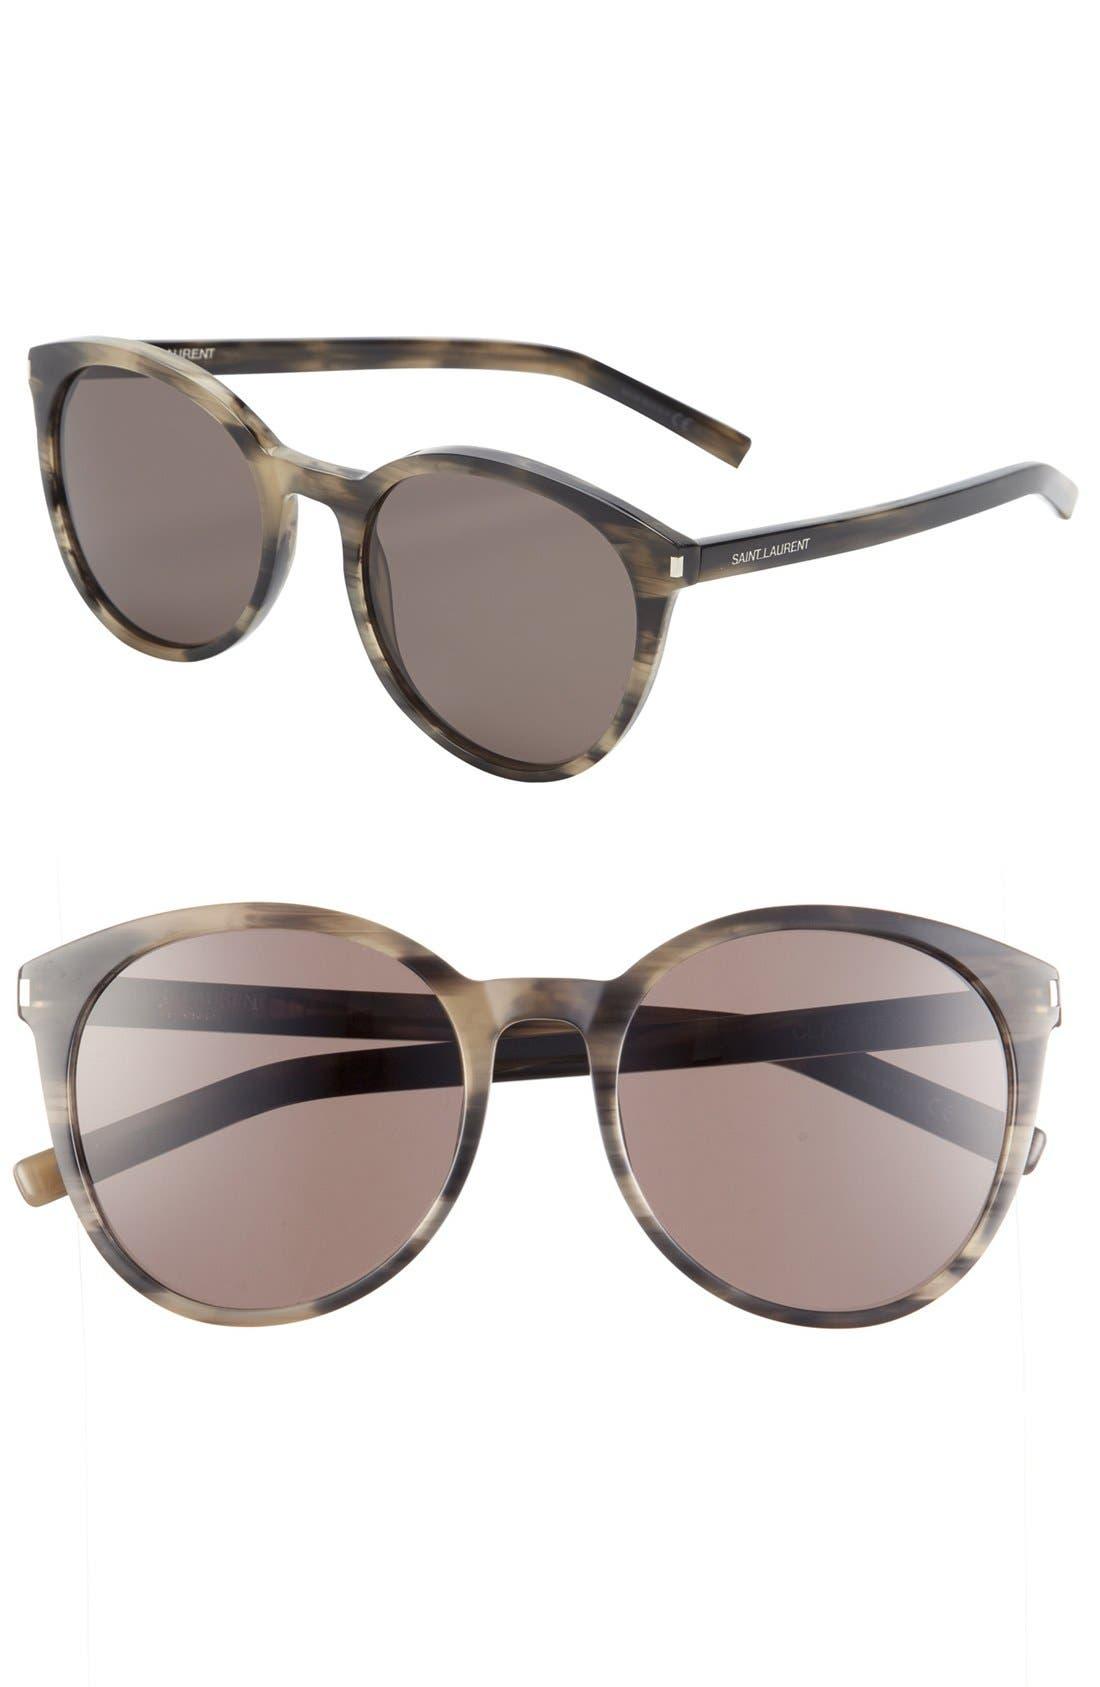 Main Image - Saint Laurent 54mm Retro Sunglasses